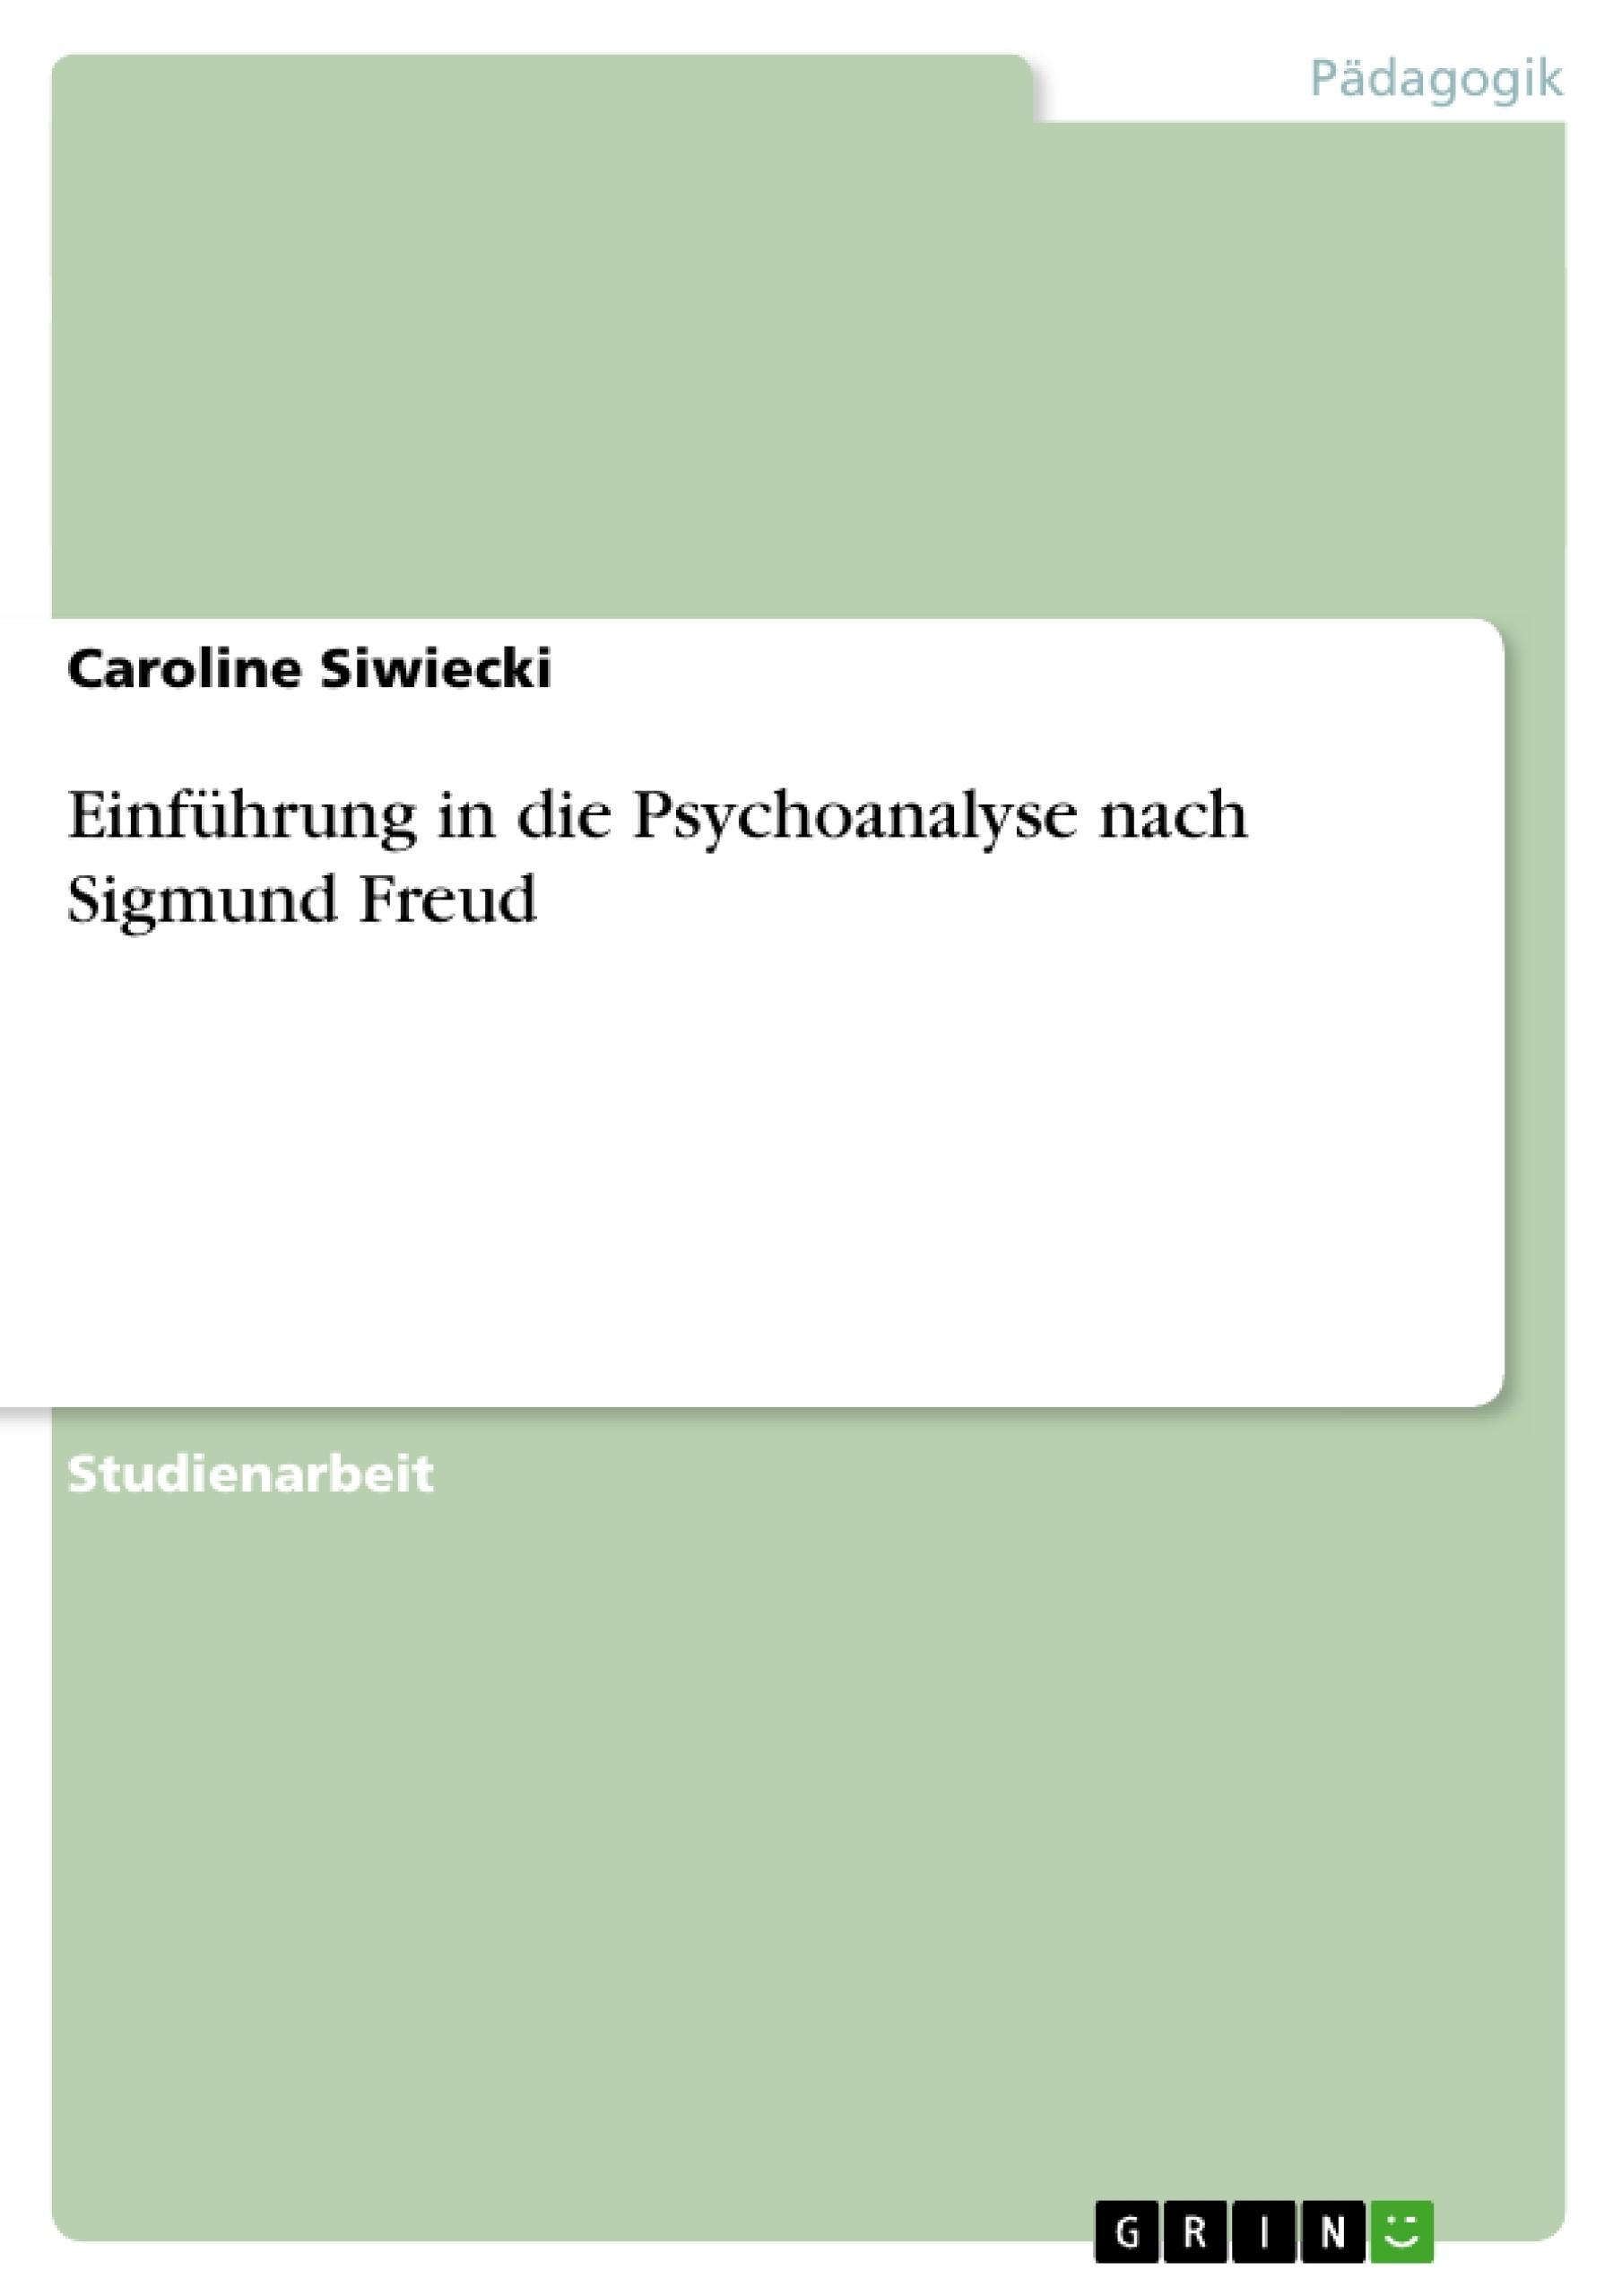 Titel: Einführung in die Psychoanalyse nach Sigmund Freud